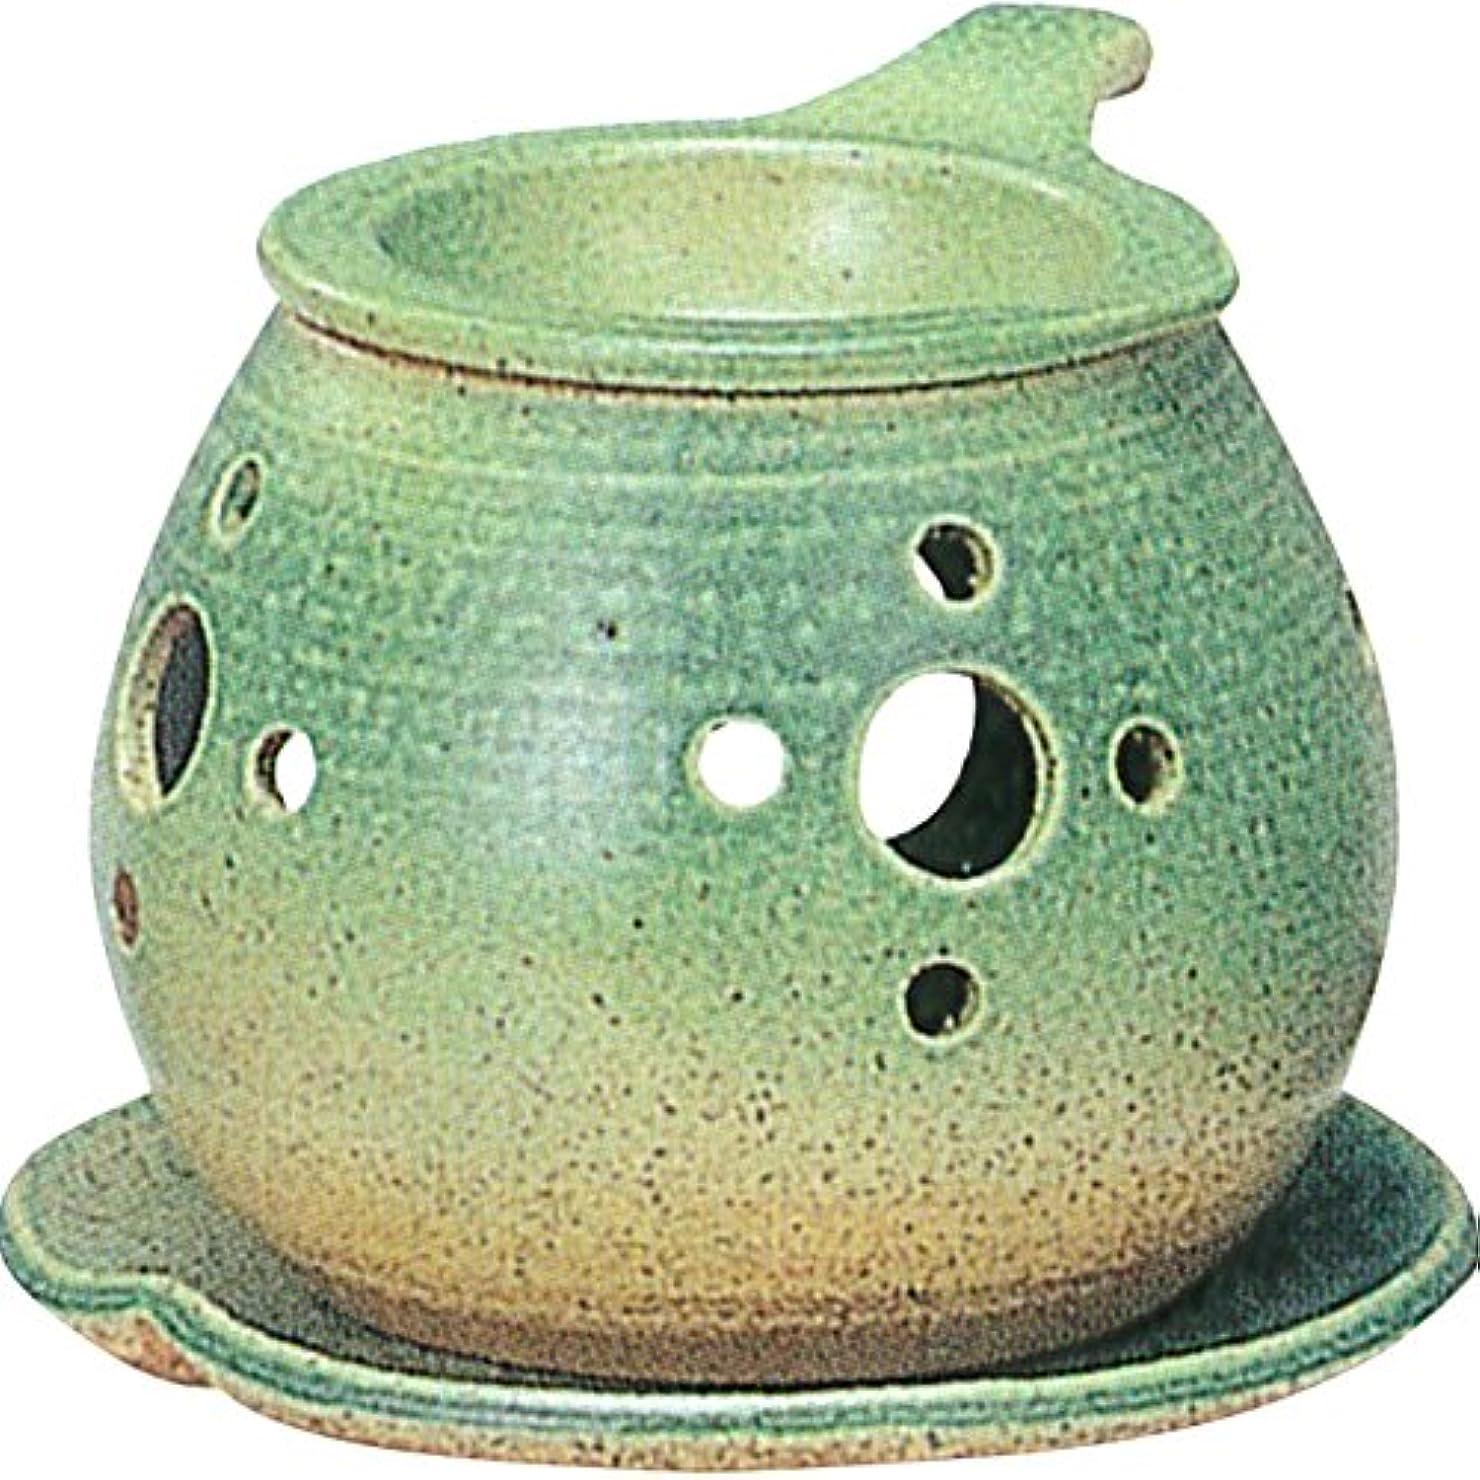 ぼかす代替ボイラー茶香炉 : 常滑焼 間宮 茶香炉? ル35-02